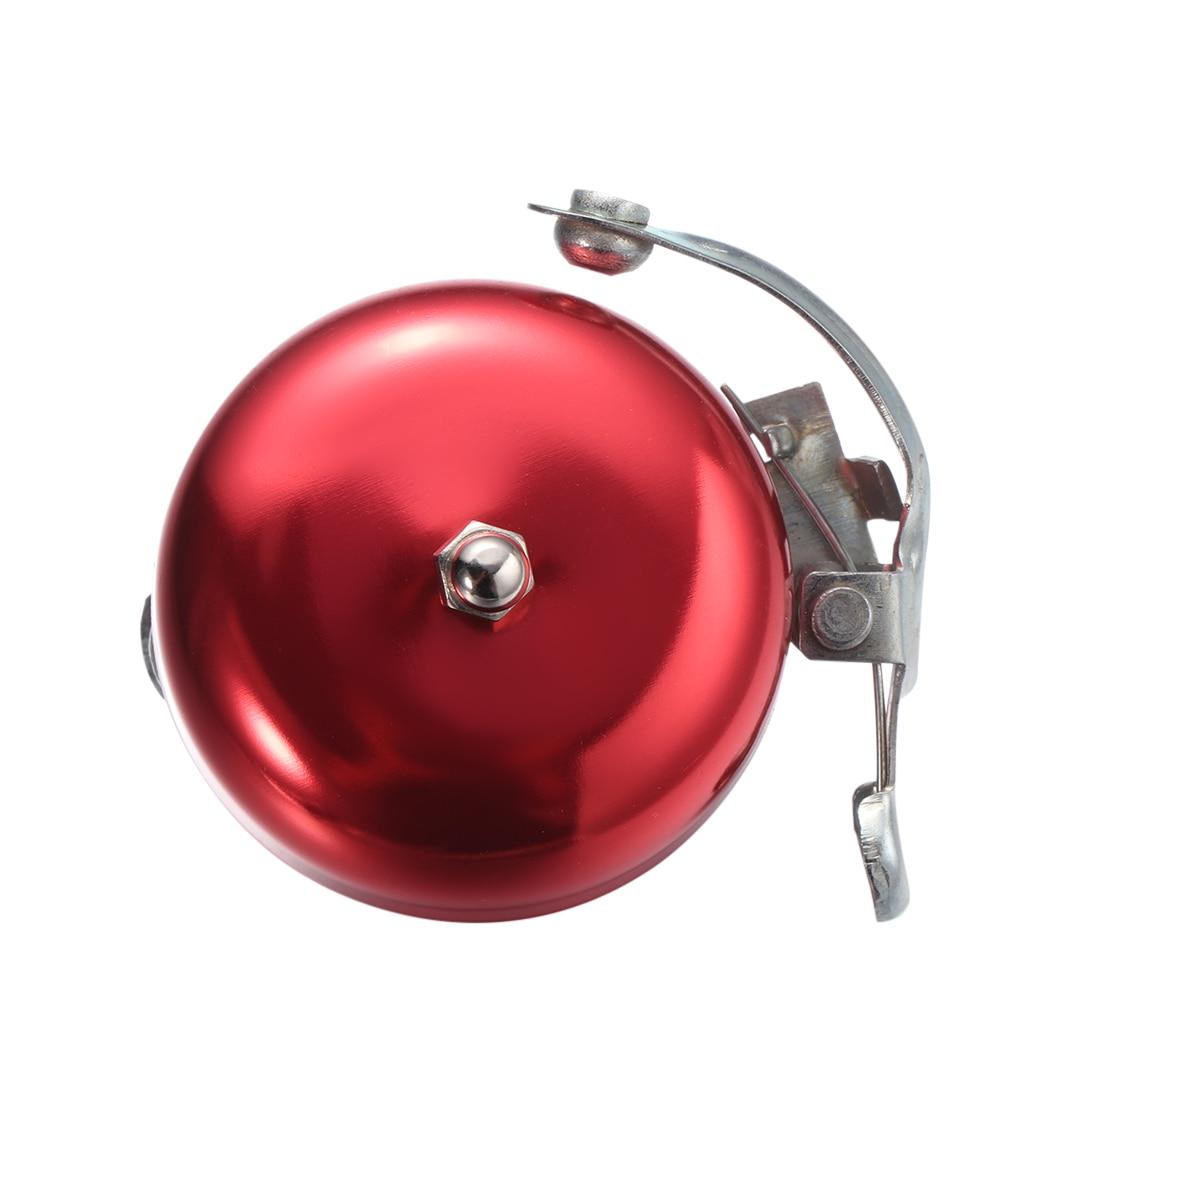 Велосипед велосипед колокольчик горный велосипед Алюминиевый сплав большой колокольчик оборудование для велоспорта Аксессуары (красный)